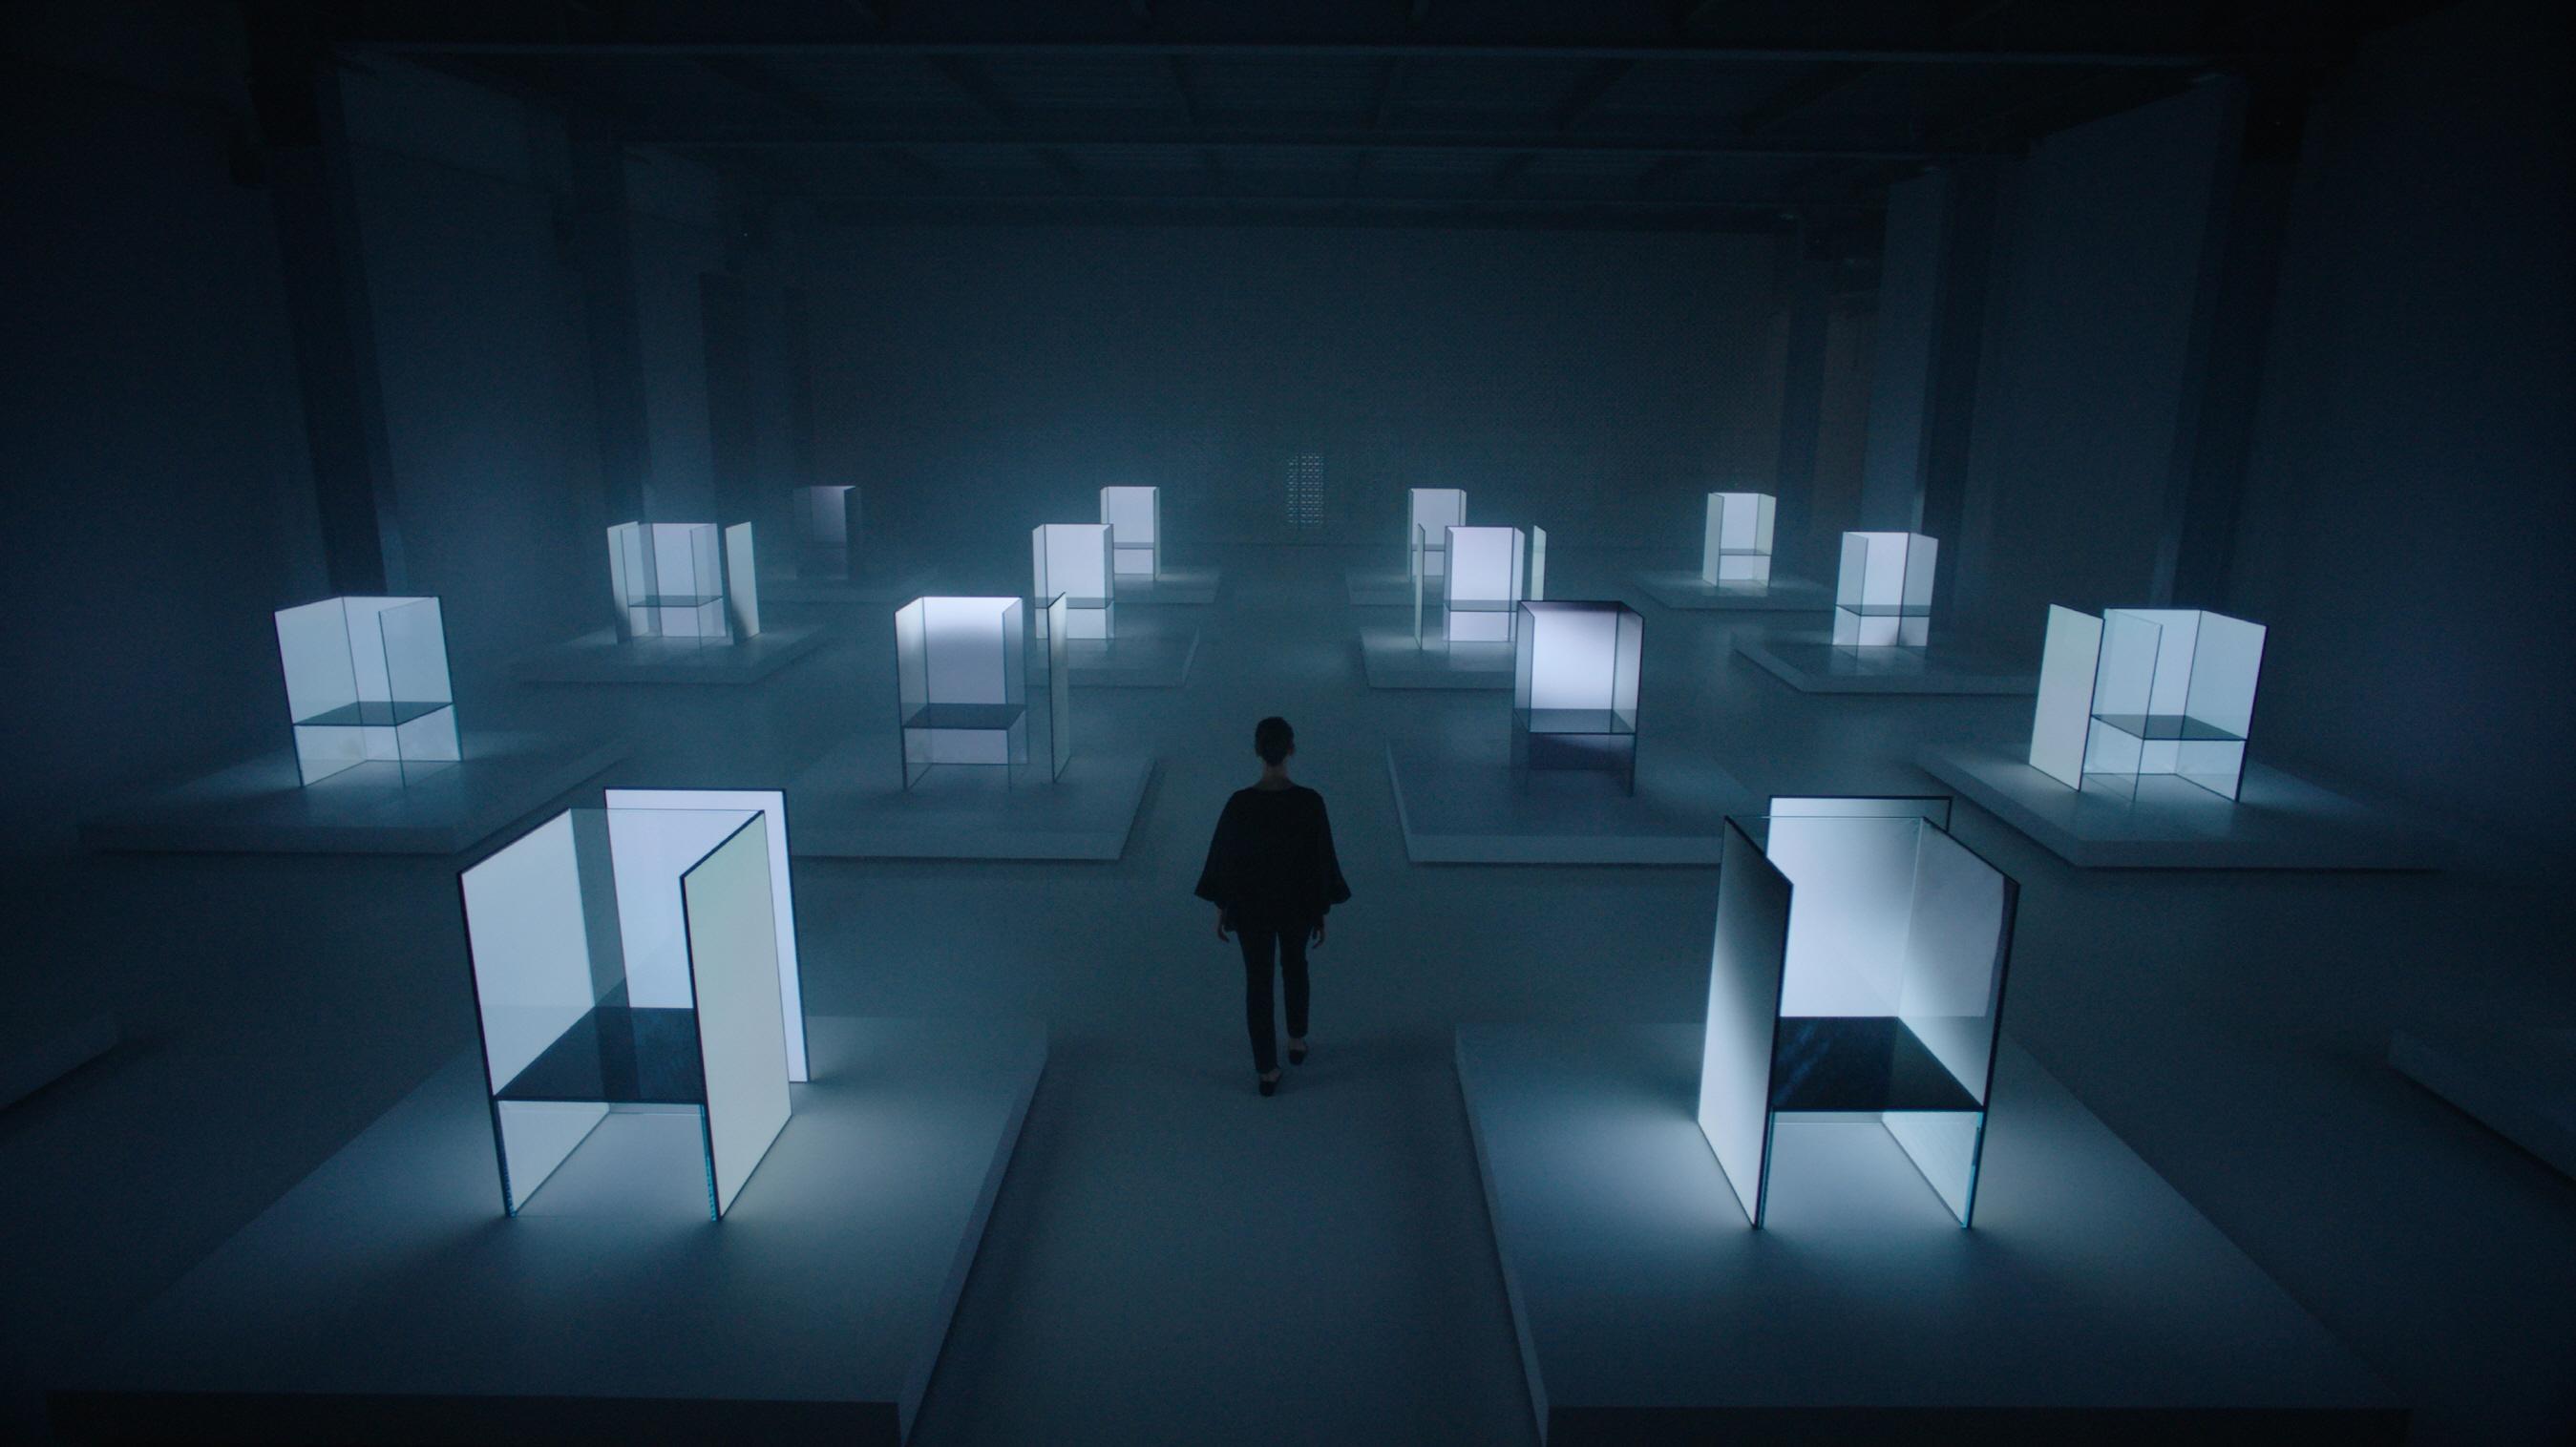 الجی با همکاری Tokujin Yoshioka به نمایشگاه هفته طراحی میلانو با عنوان «حواس آینده» روشنایی بخشید